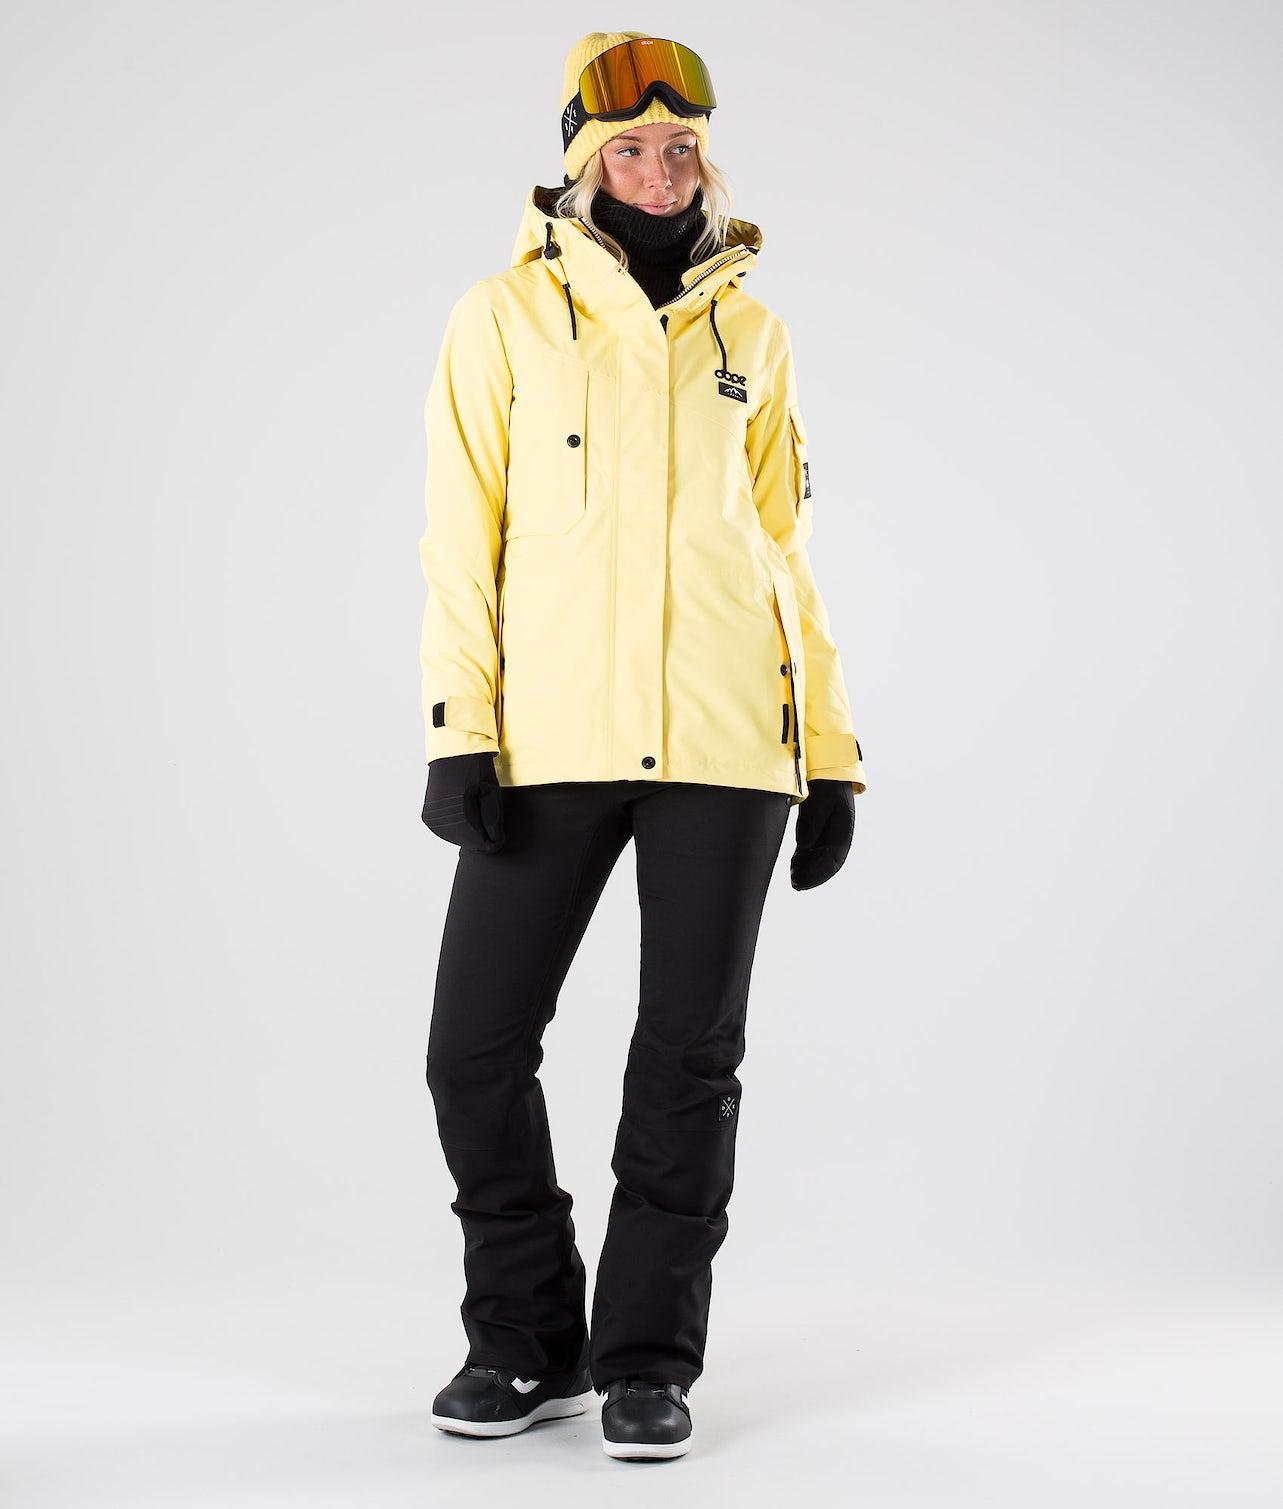 Kjøp Adept W Snowboardjakke fra Dope på Ridestore.no - Hos oss har du alltid fri frakt, fri retur og 30 dagers åpent kjøp!